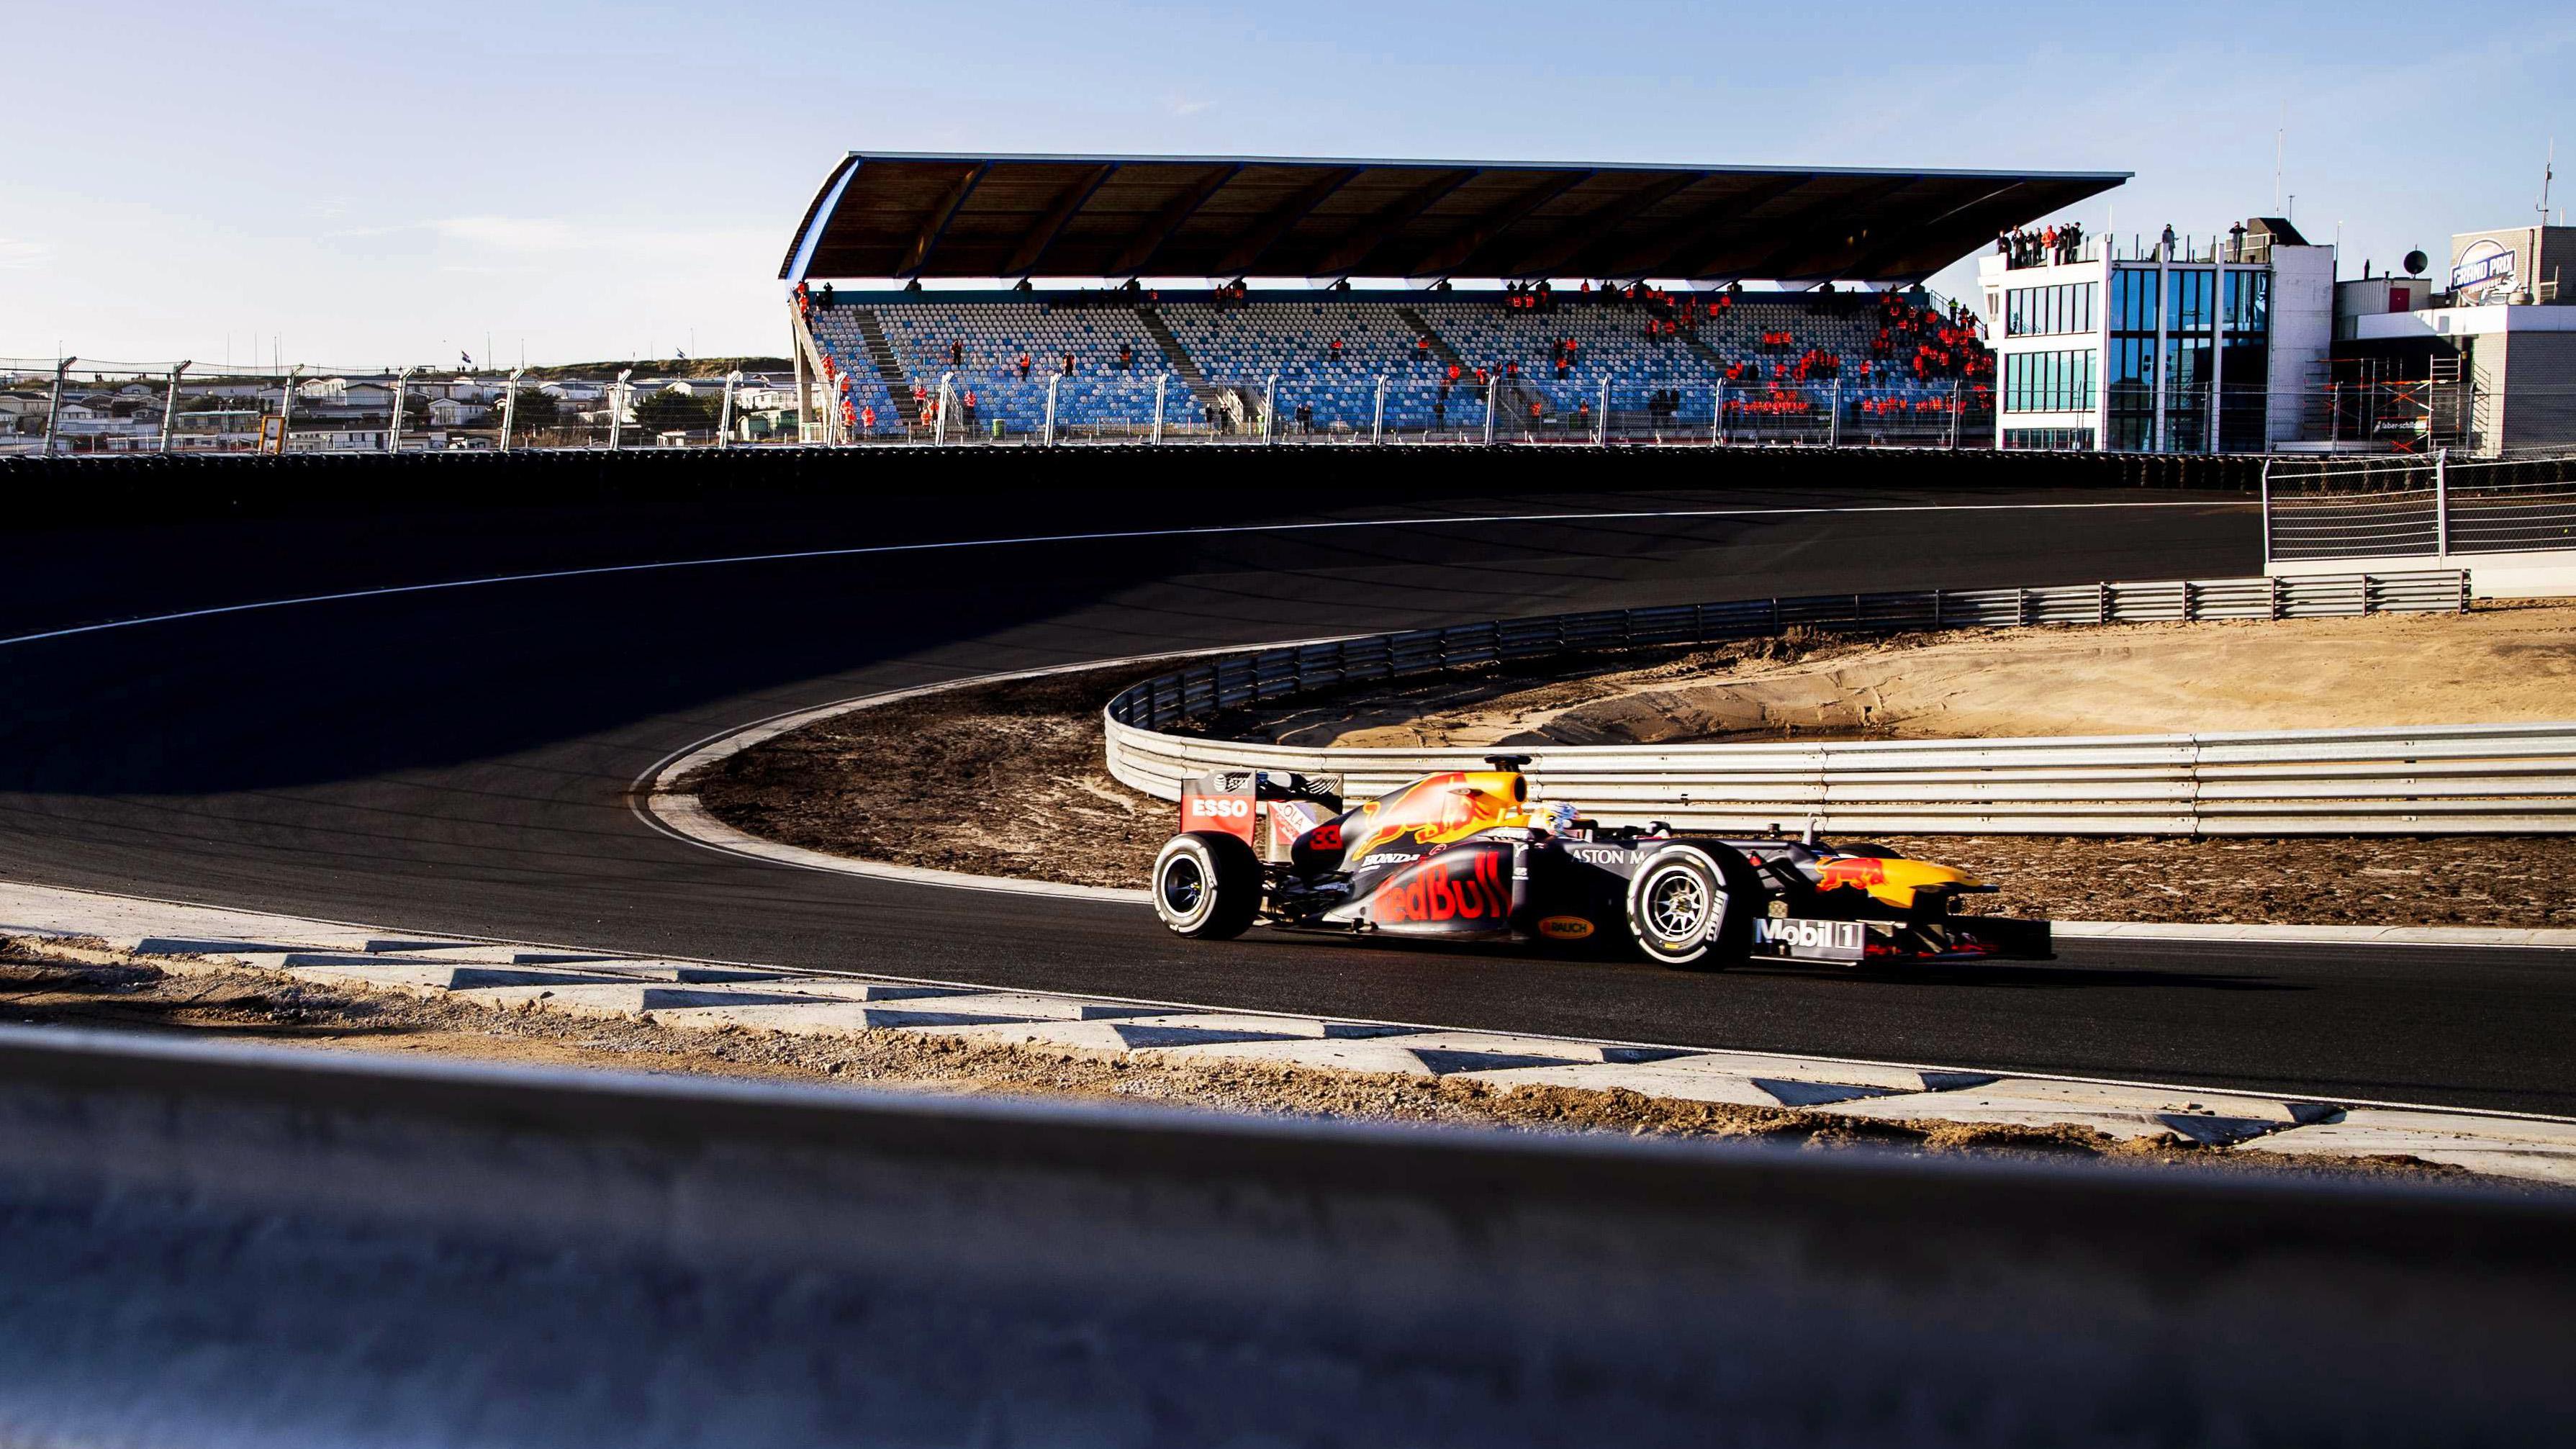 Voor circuit Zandvoort is race in 2020 nog steeds mogelijk: 'We kunnen in vier tot 6 weken klaar zijn voor race, ook zonder publiek'